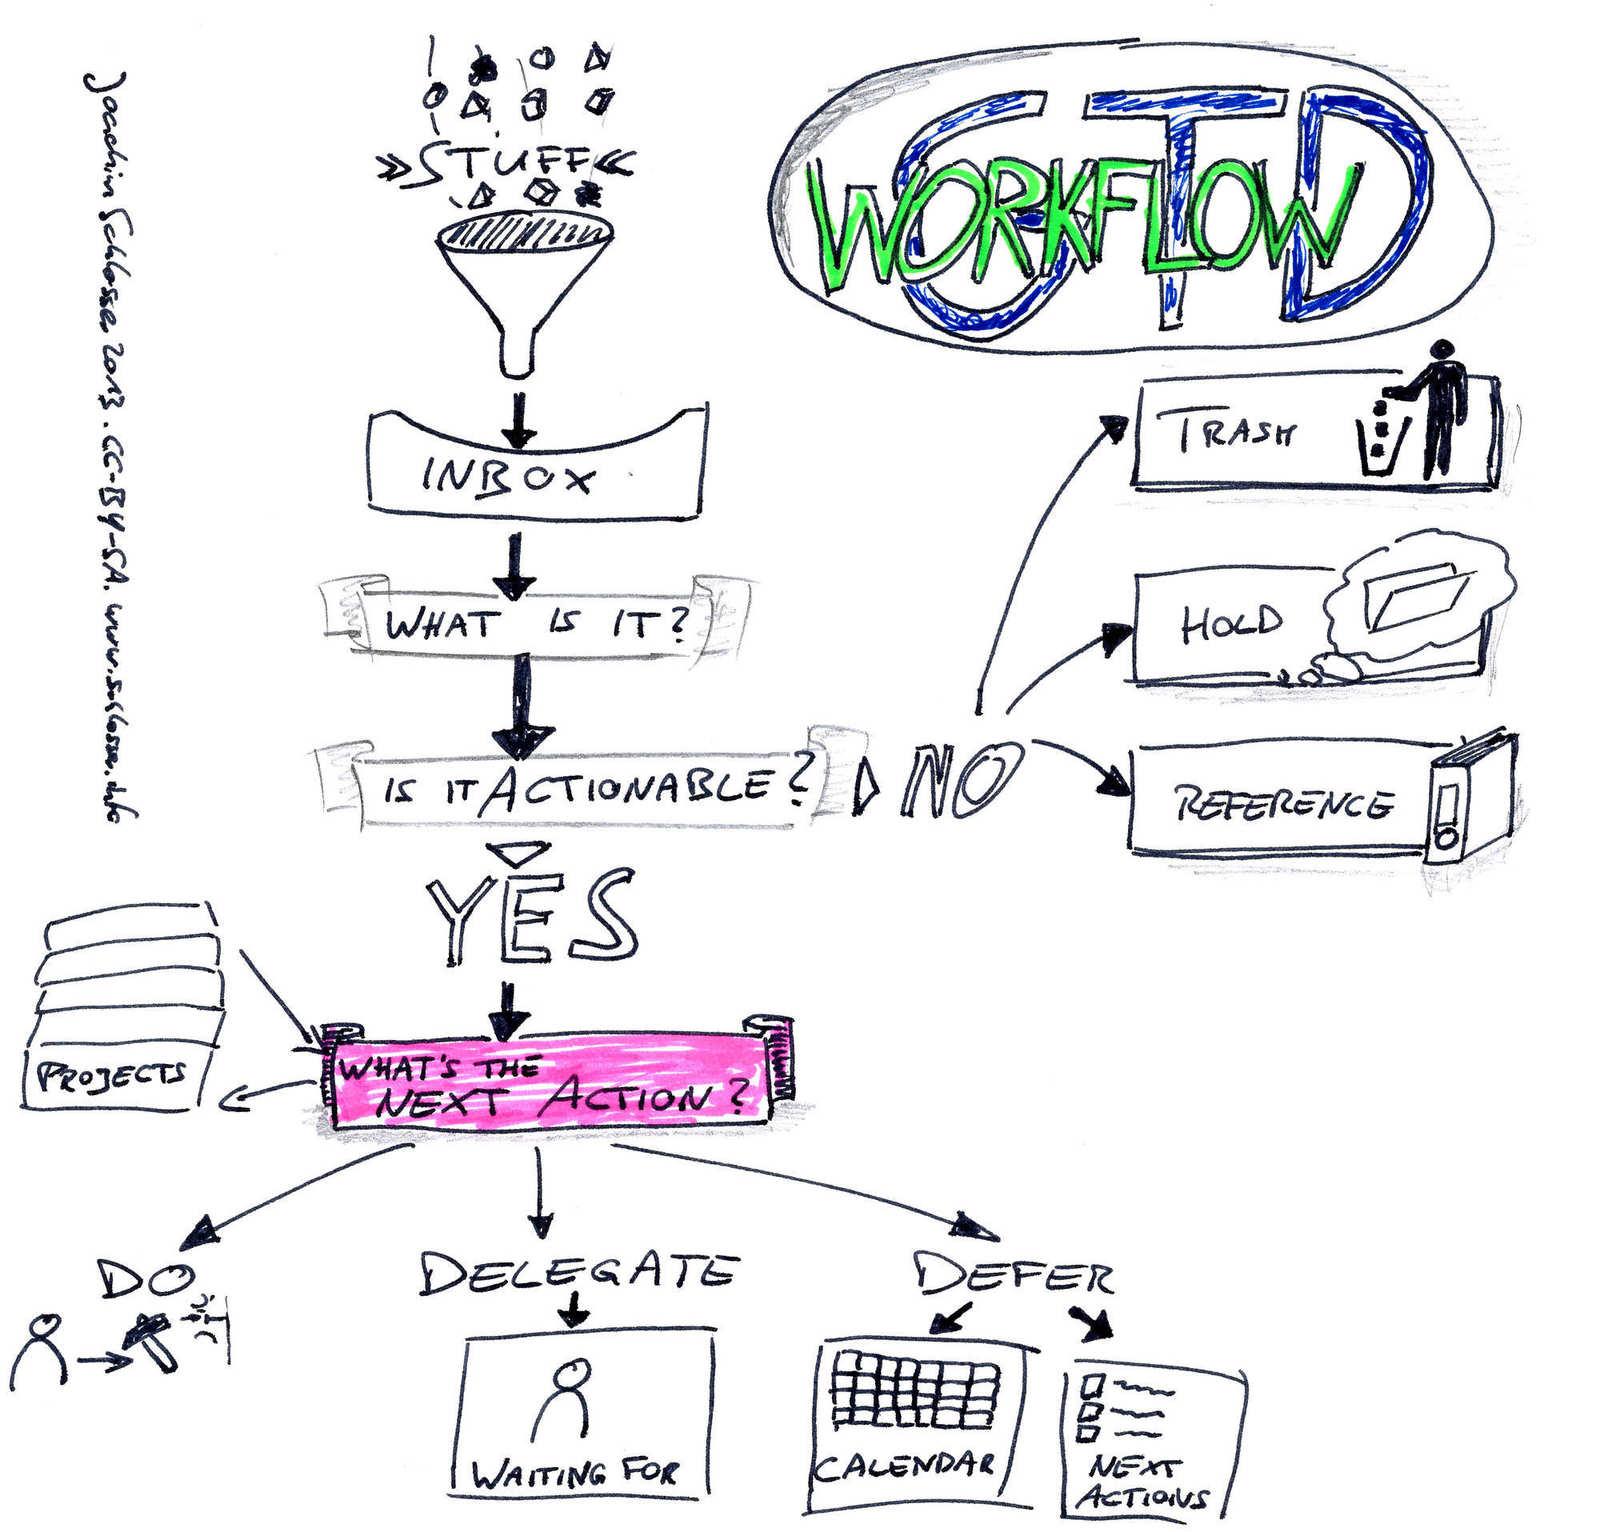 getting things done workflow zeichnung joachim schlosser lizenz cc by sa - Beispiel Ordnerstruktur Unternehmen